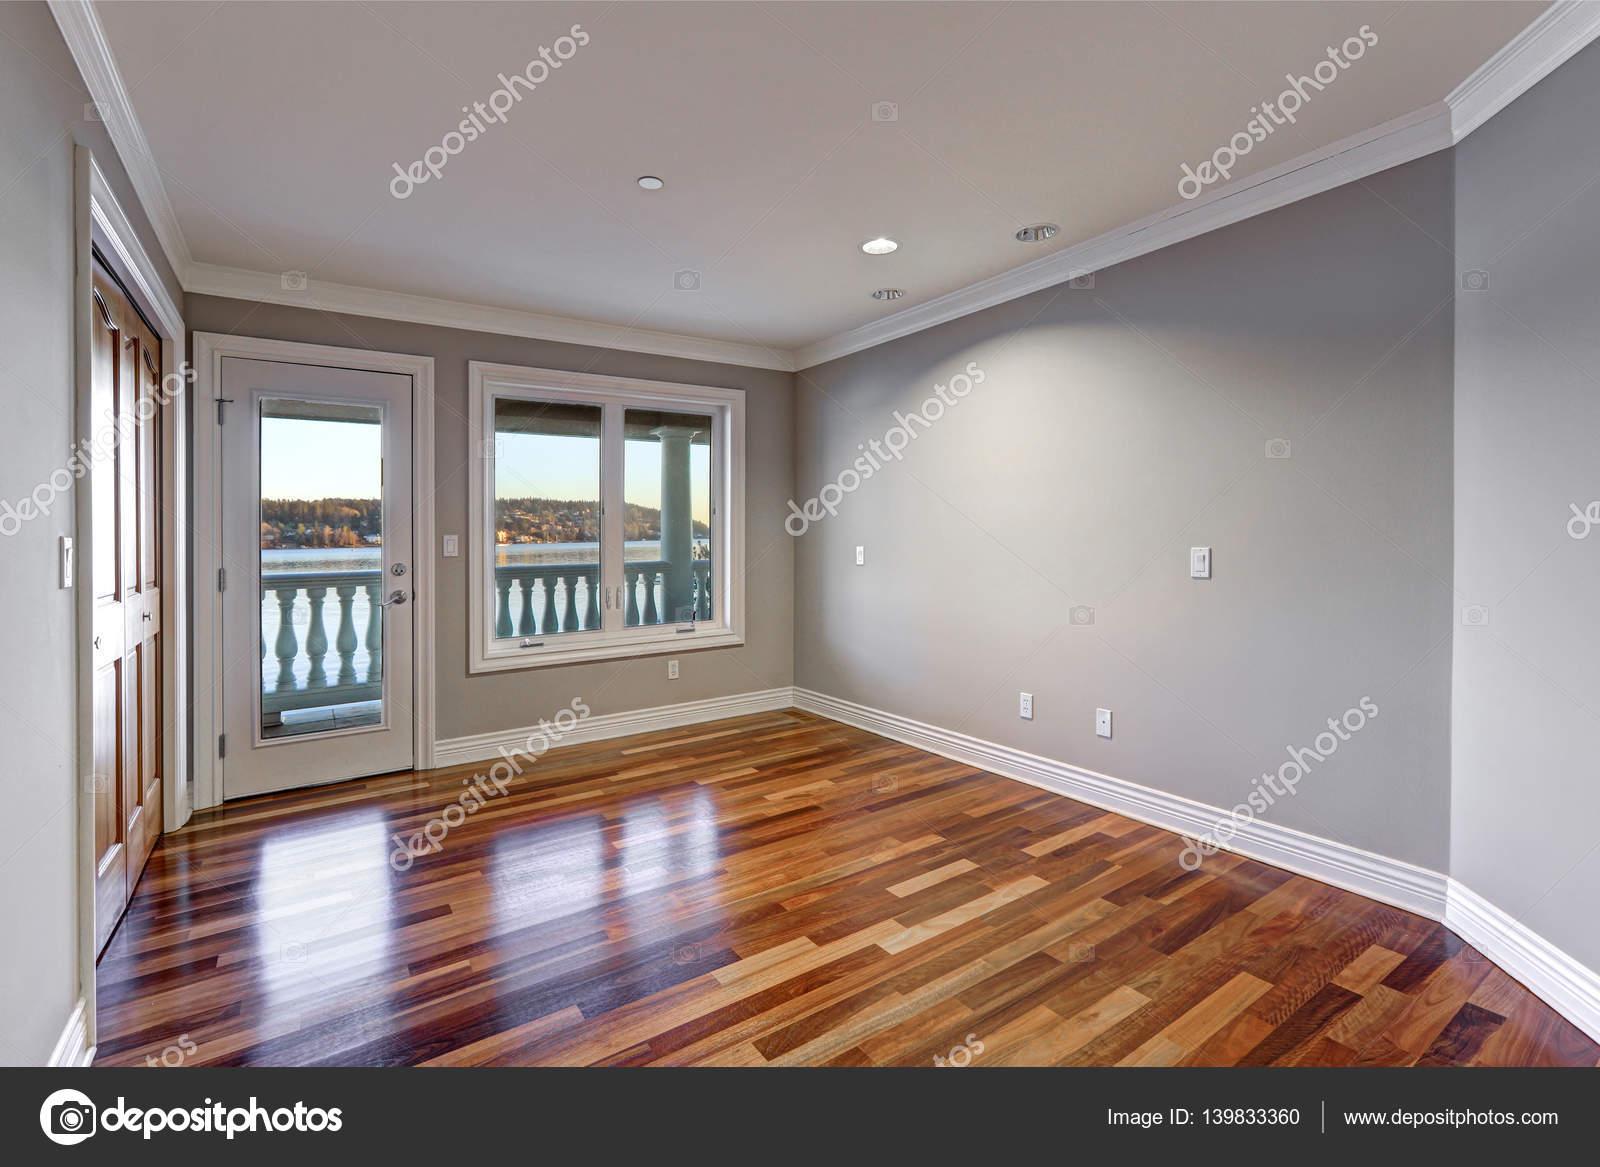 Vloer Voor Balkon : Lege ruimte met hardhouten vloer en deur naar balkon u stockfoto